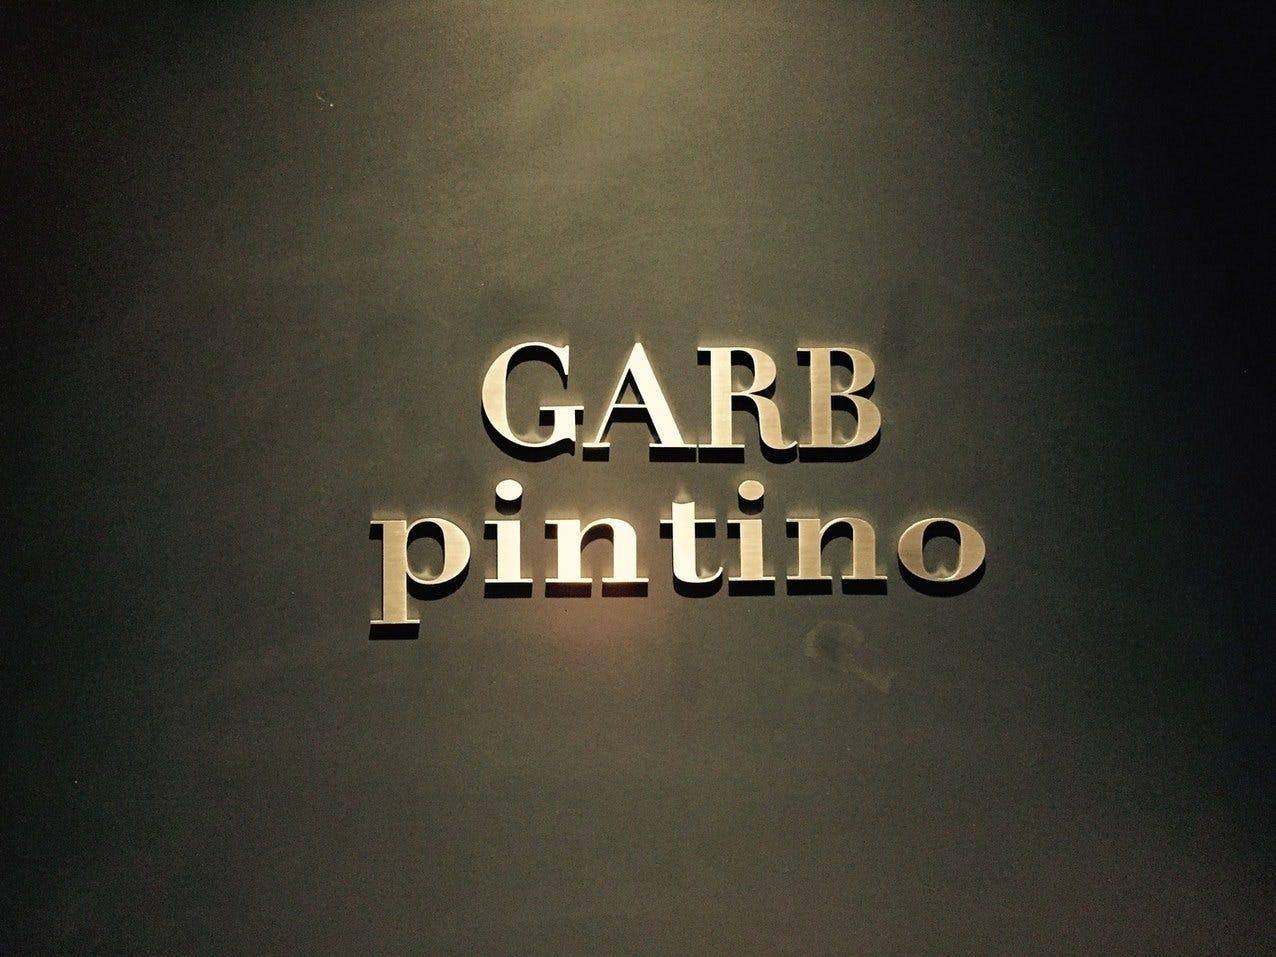 GARB Pintino